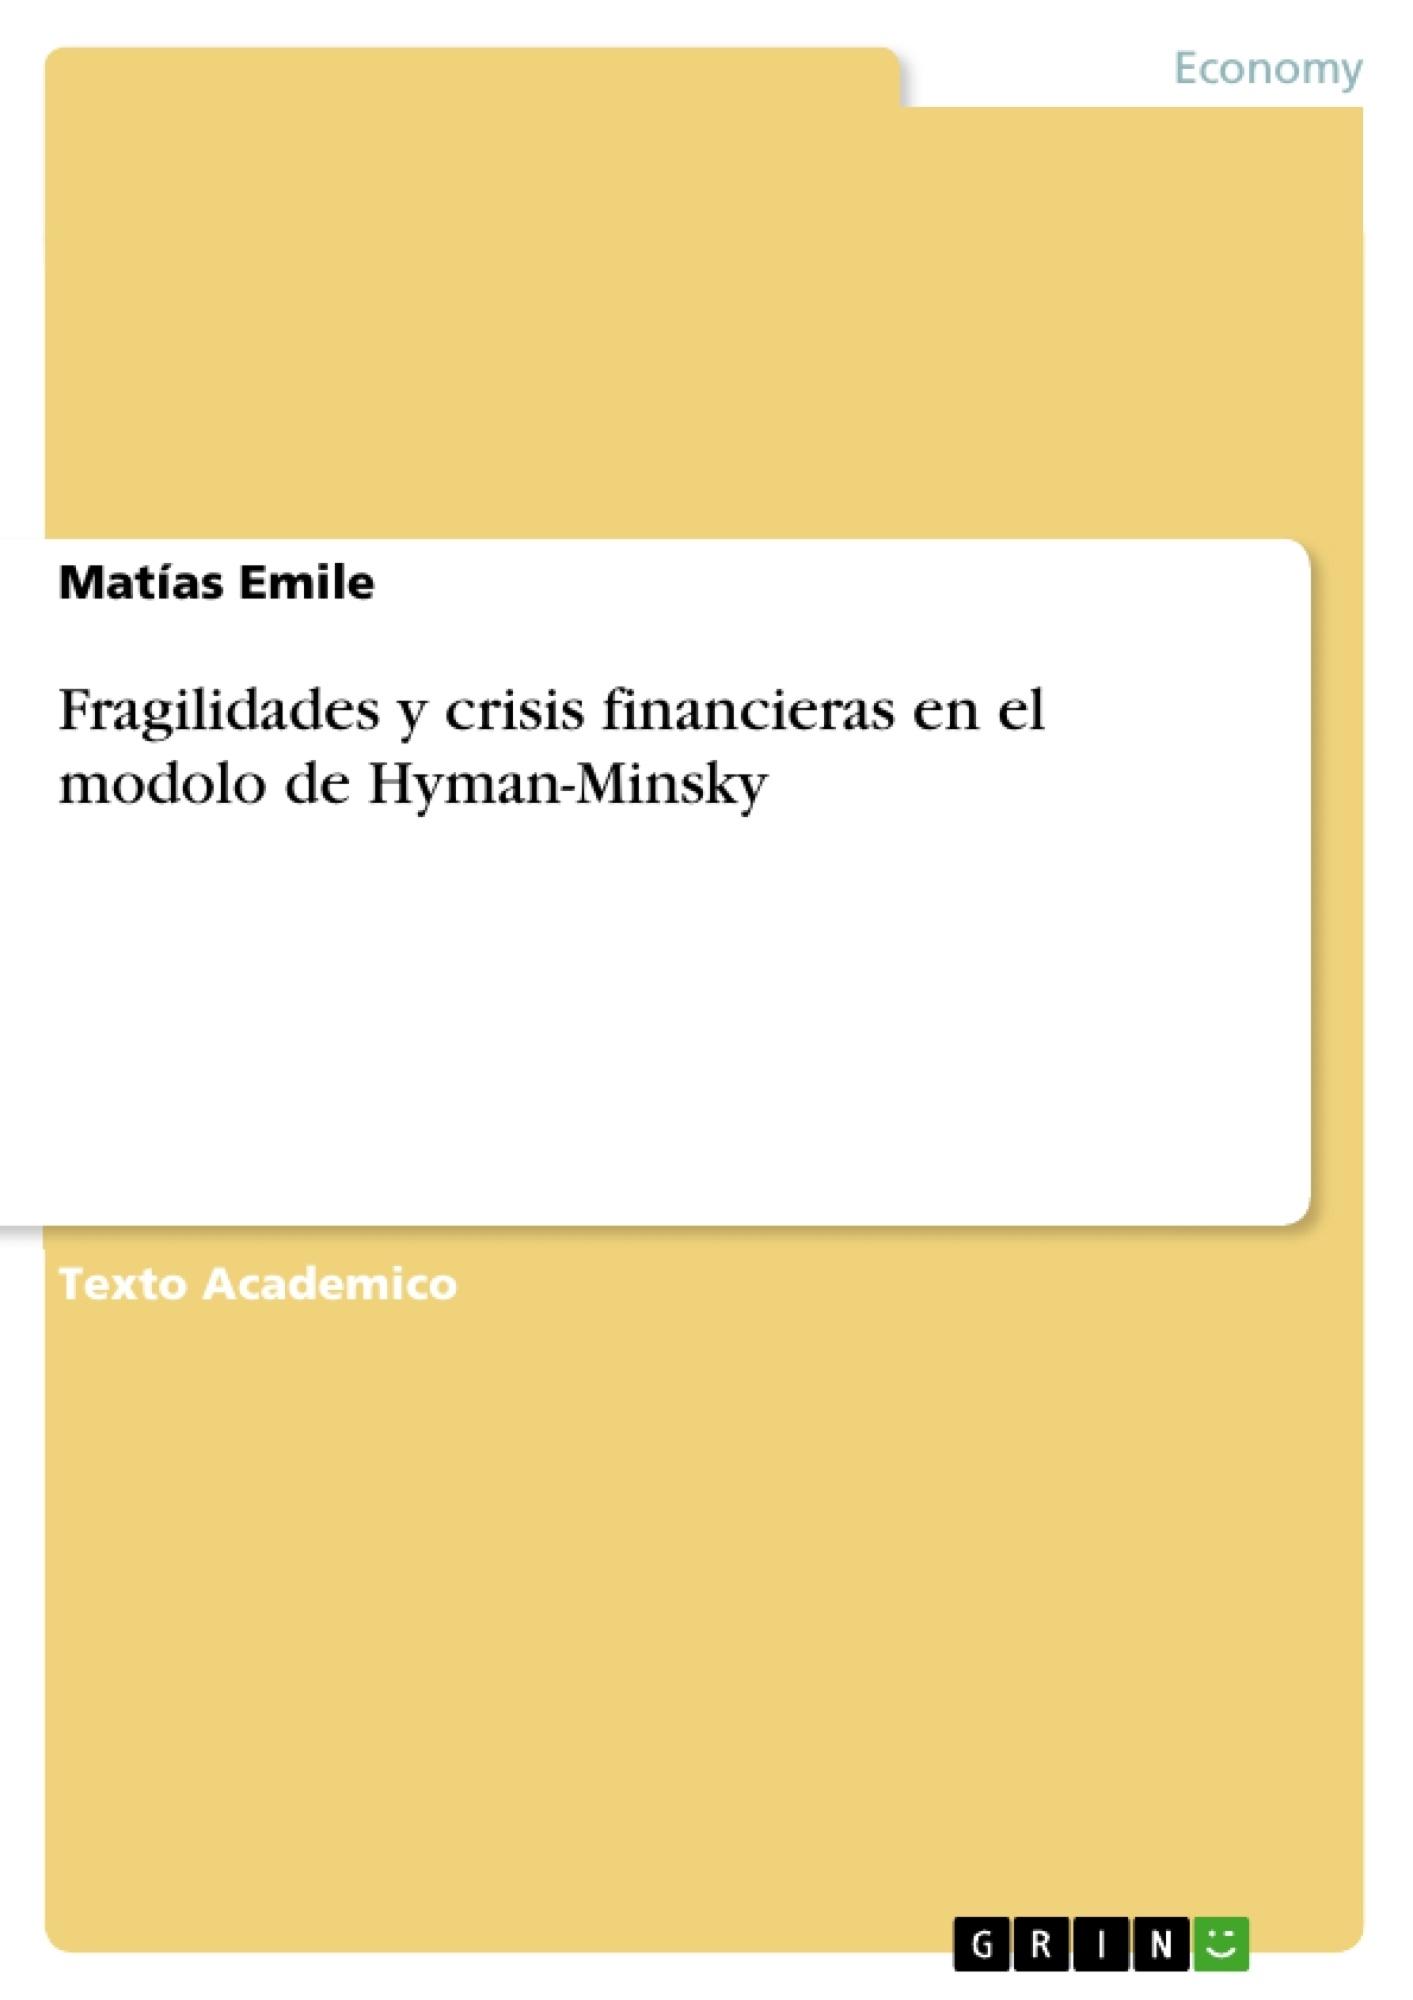 Título: Fragilidades y crisis financieras en el modolo de Hyman-Minsky